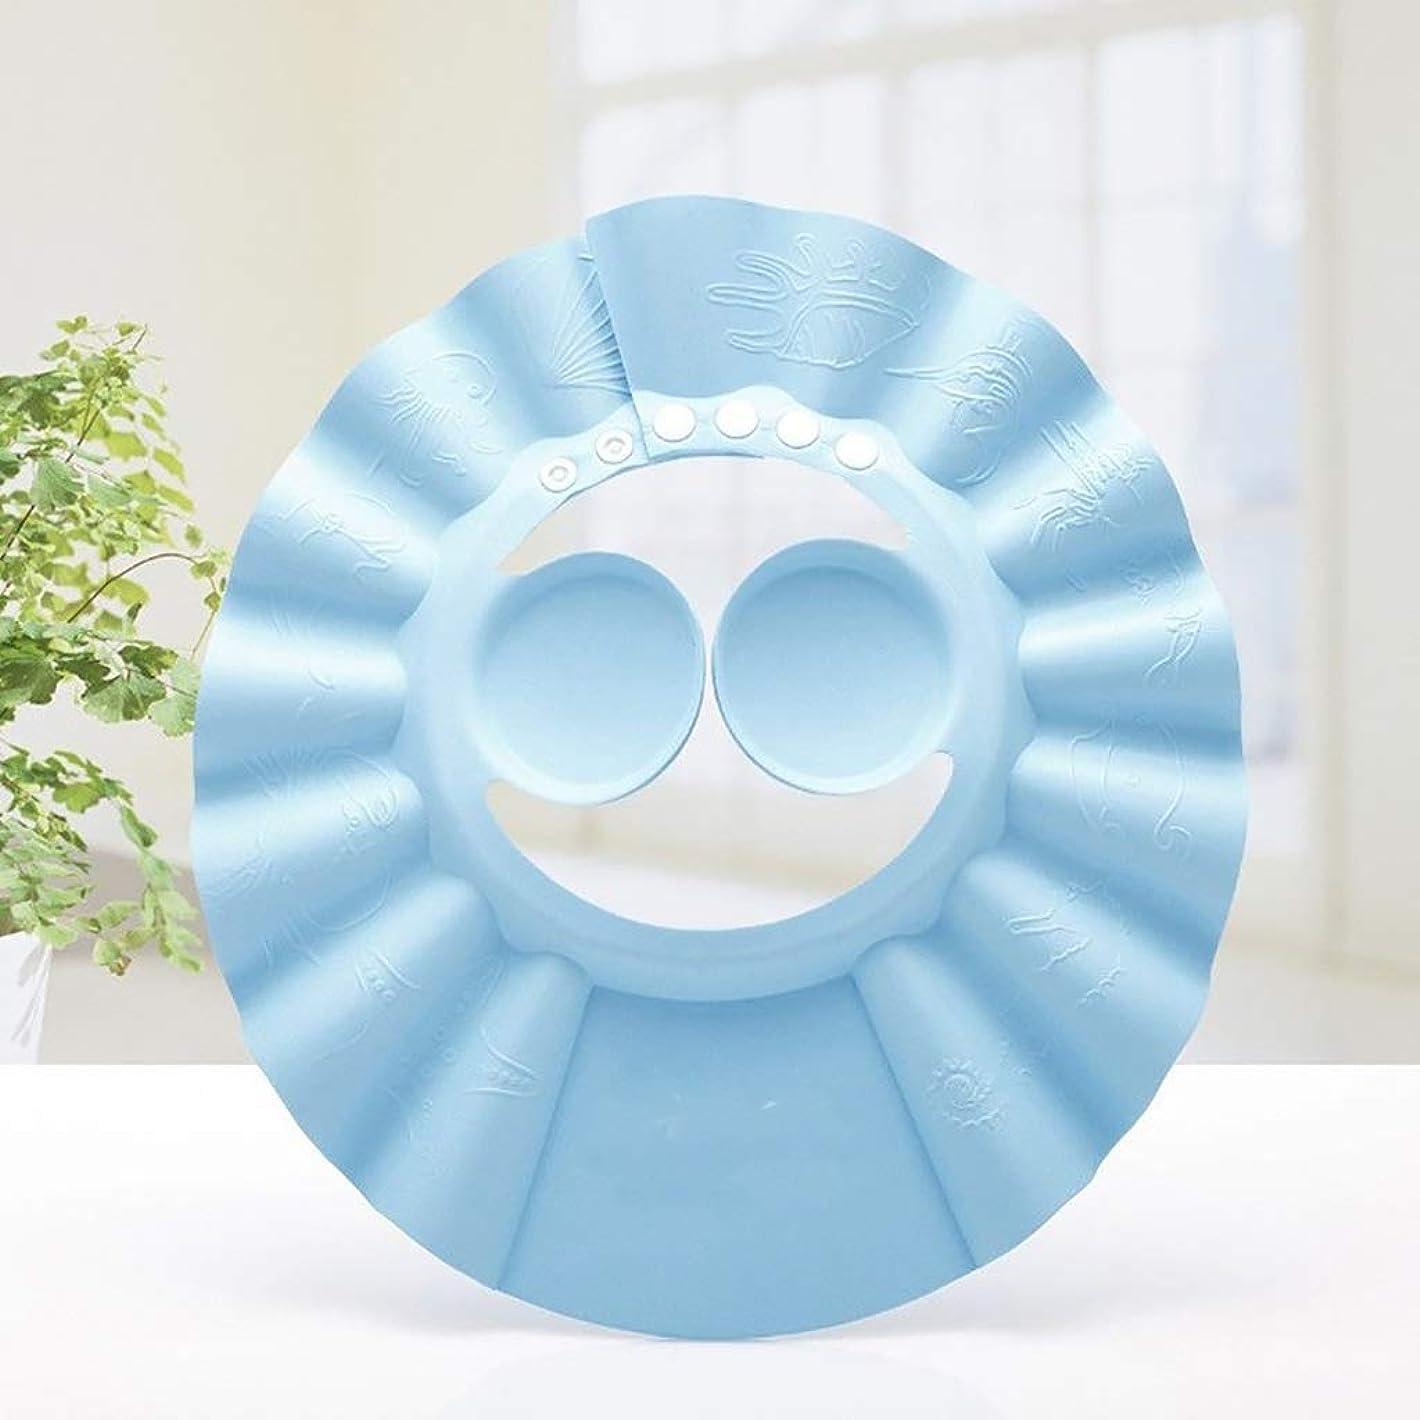 ピアニストフォーマルこどもの宮殿ベビーシャンプーシャワーキャップ子供調節可能シャンプーキャップベビーシャワーキャップ子供防水キャップベビー耳入浴キャップ (Color : Blue, Size : Ear protector)